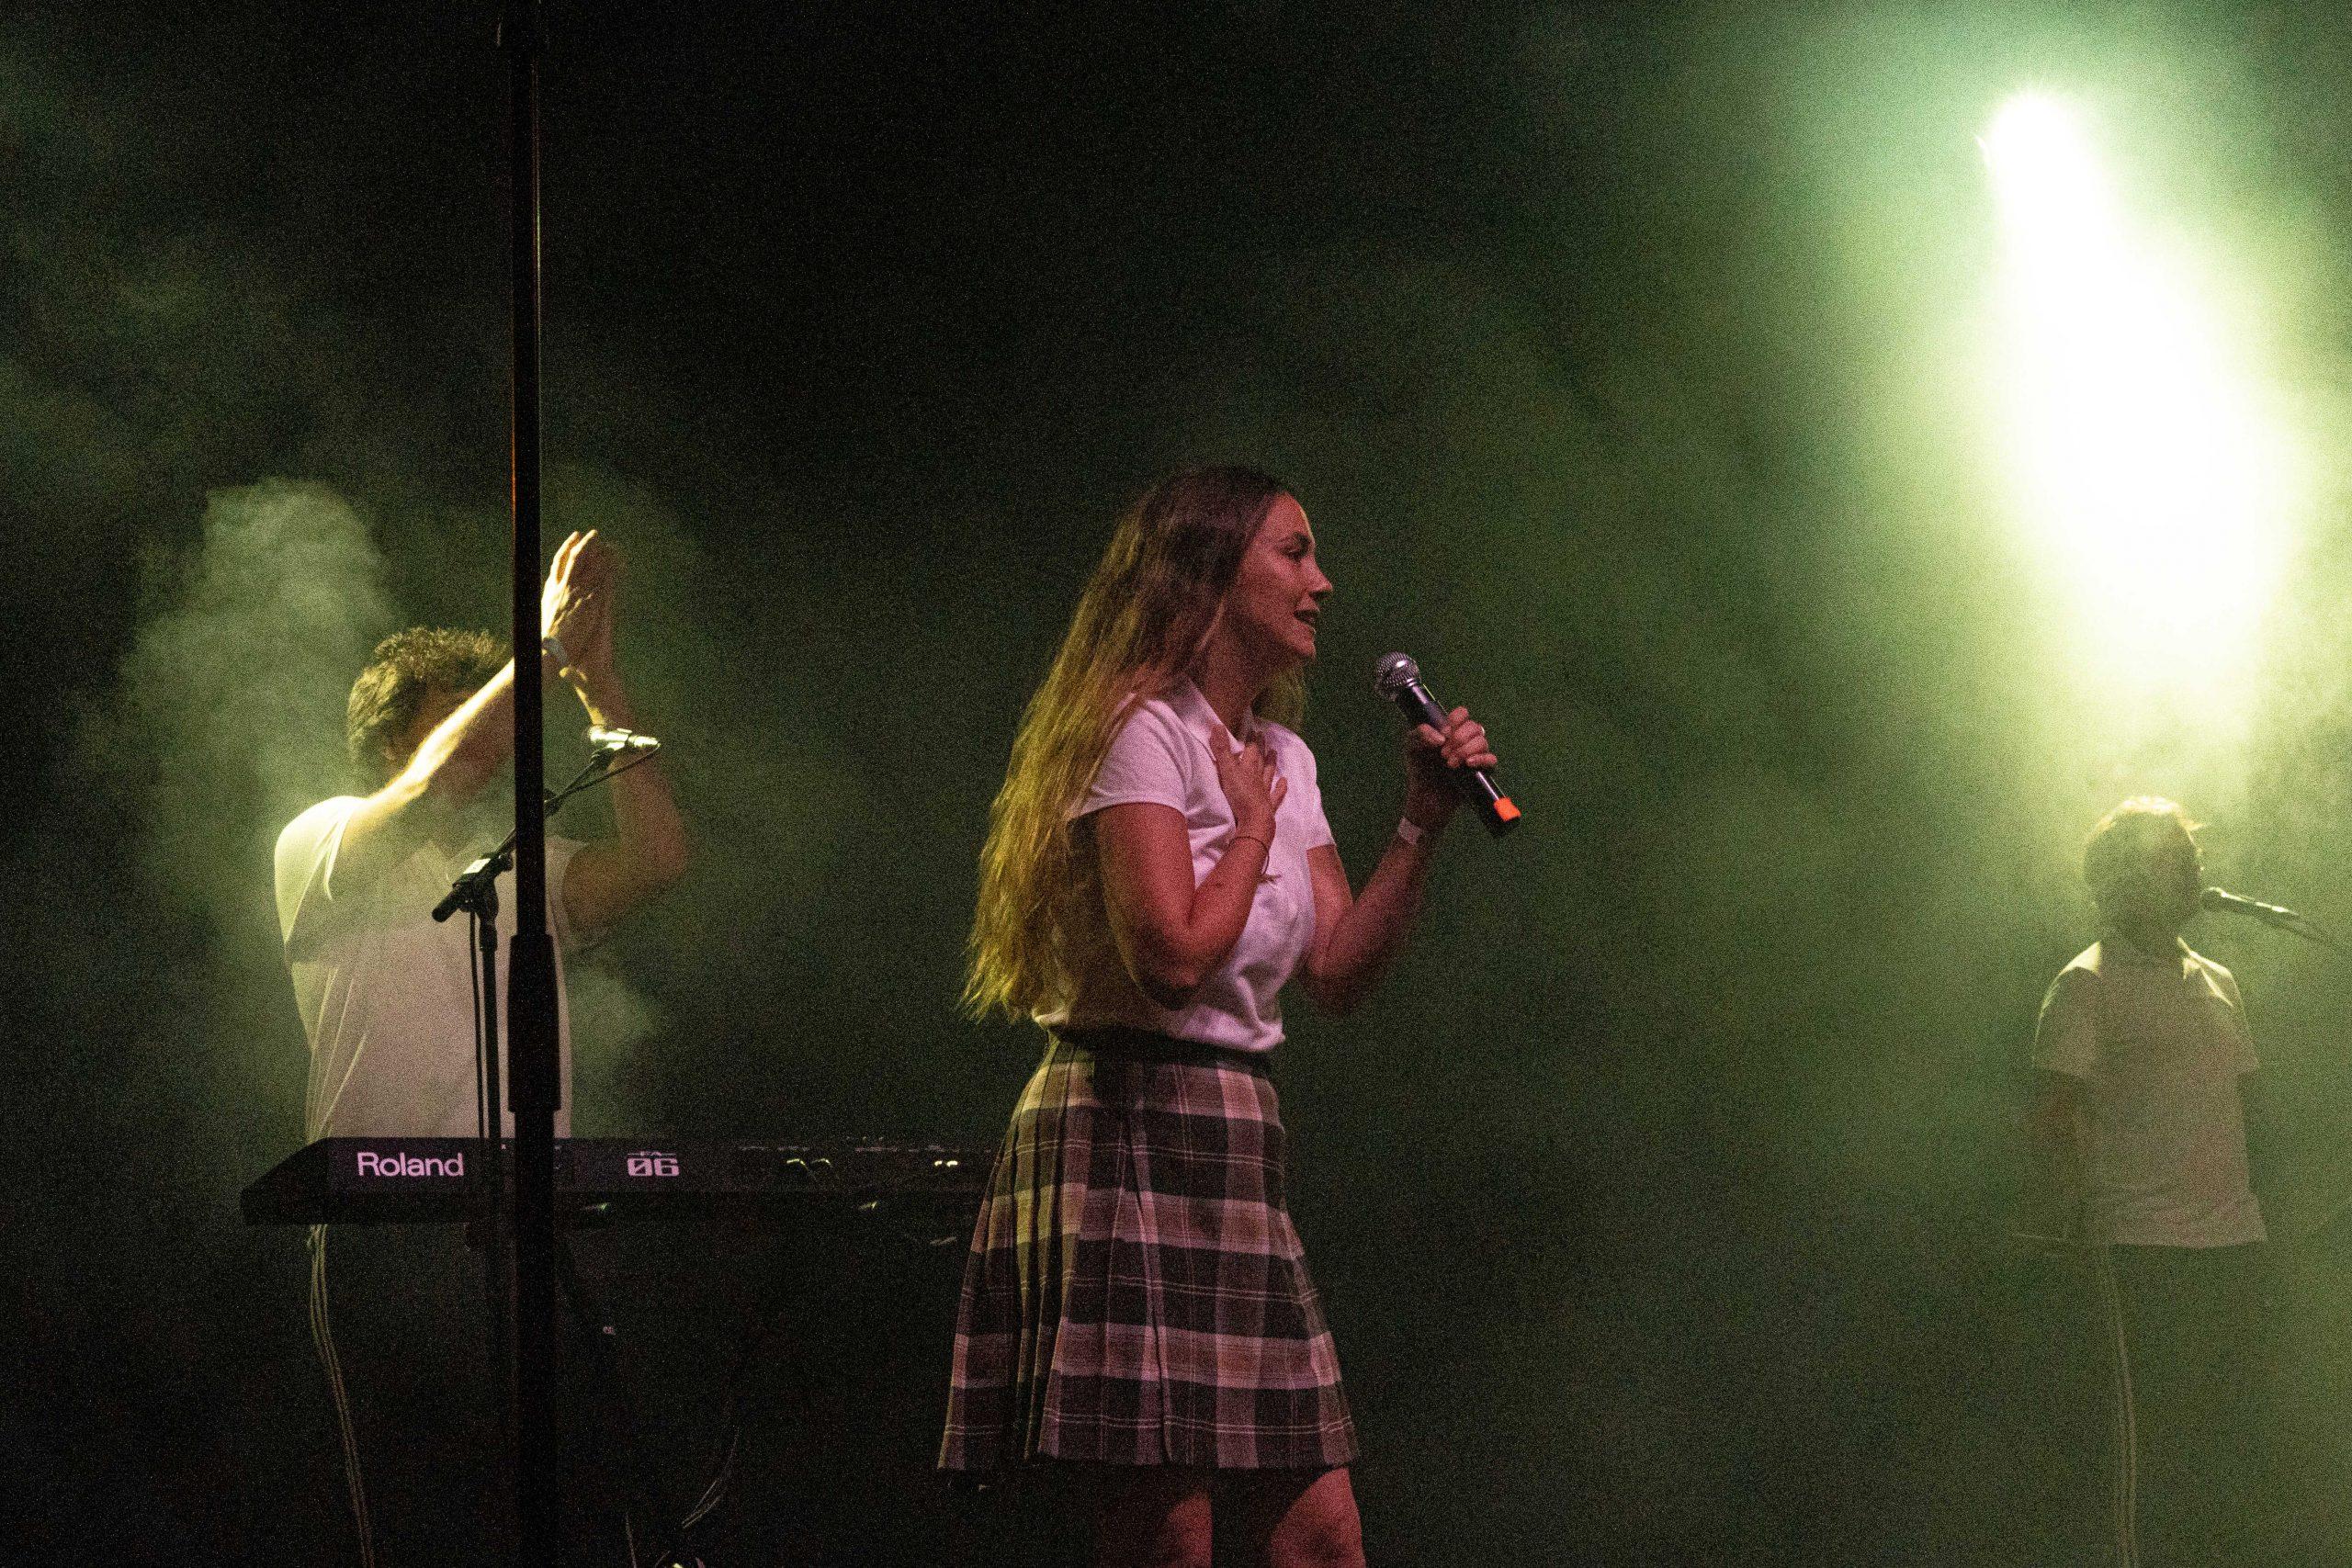 Rigoberta Bandini cantando con el micrófono y de fondo miembros de la banda durante su actuación en Pamplona.